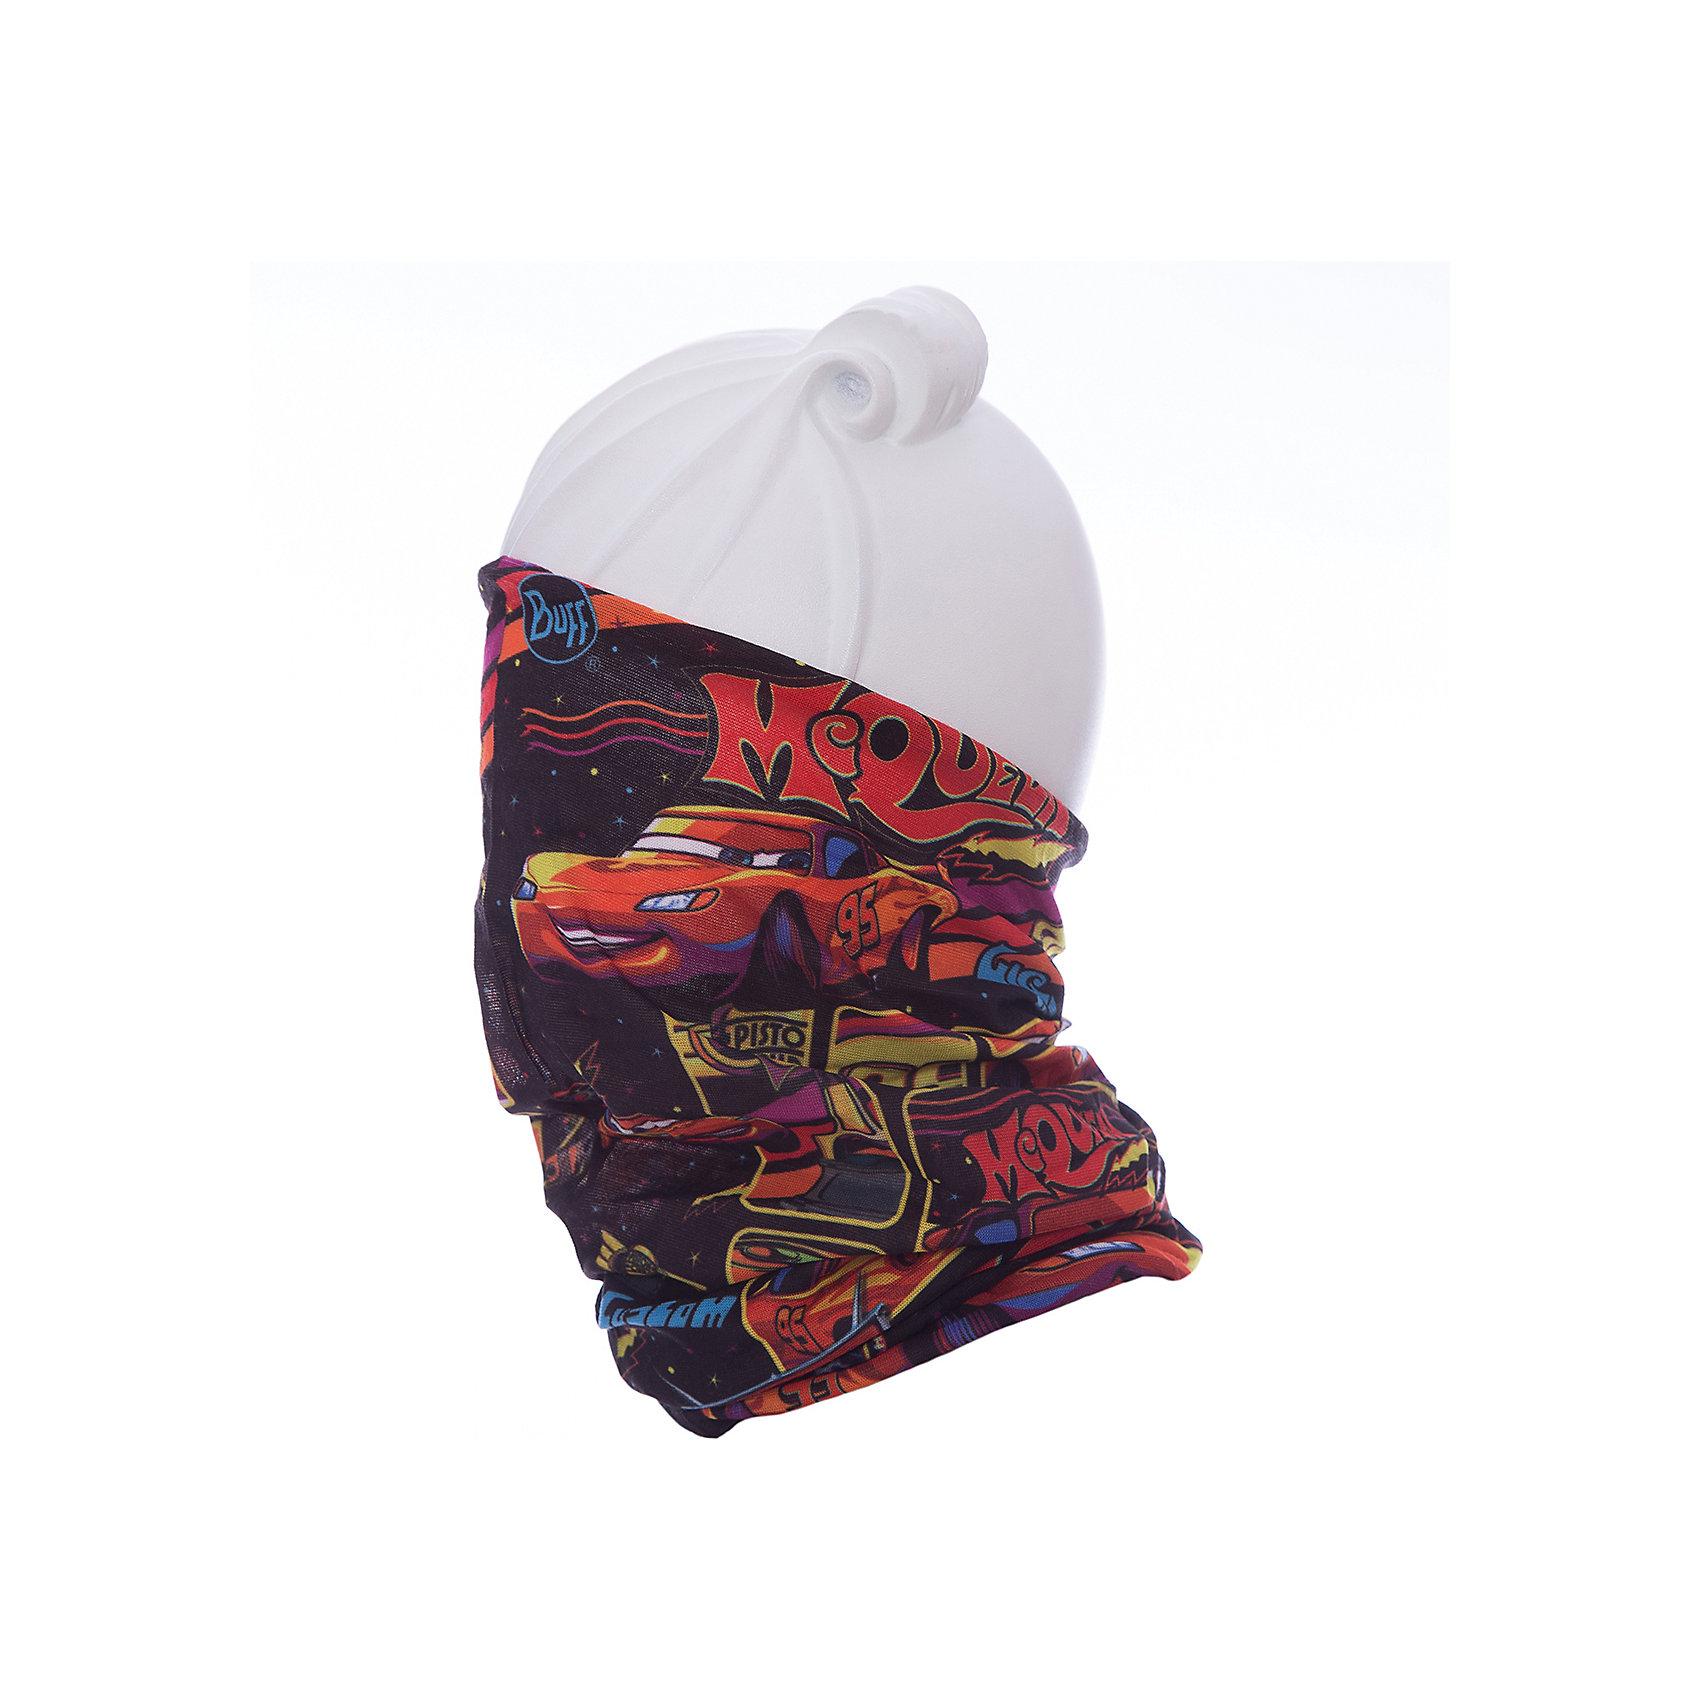 Бандана BUFFГоловные уборы<br>Бандана BUFF <br>Бесшовная бандана-труба из специальной серии Original BUFF. Original BUFF - самый популярный универсальный головной убор из всех серий. <br><br>Сделан из микрофибры - защищает от ветра, пыли, влаги и ультрафиолета. Контролирует микроклимат в холодную и теплую погоду, отводит влагу. Ткань обработана ионами серебра, обеспечивающими длительный антибактериальный эффект и предотвращающими появление запаха. Допускается машинная и ручная стирка при 30-40градусах. Материал не теряет цвет и эластичность, не требует глажки. <br><br>Original BUFF можно носить на шее и на голове, как шейный платок, маску, бандану, шапку и подшлемник. <br><br>Свойства материала позволяют использовать бандану Original BUFF в любое время года, при занятиях любым видом спорта, активного отдыха, туризма или рыбалки.<br>Состав:<br>Полиэстер 100%<br><br>Ширина мм: 89<br>Глубина мм: 117<br>Высота мм: 44<br>Вес г: 155<br>Цвет: красный<br>Возраст от месяцев: 84<br>Возраст до месяцев: 1188<br>Пол: Унисекс<br>Возраст: Детский<br>Размер: one size<br>SKU: 5568637